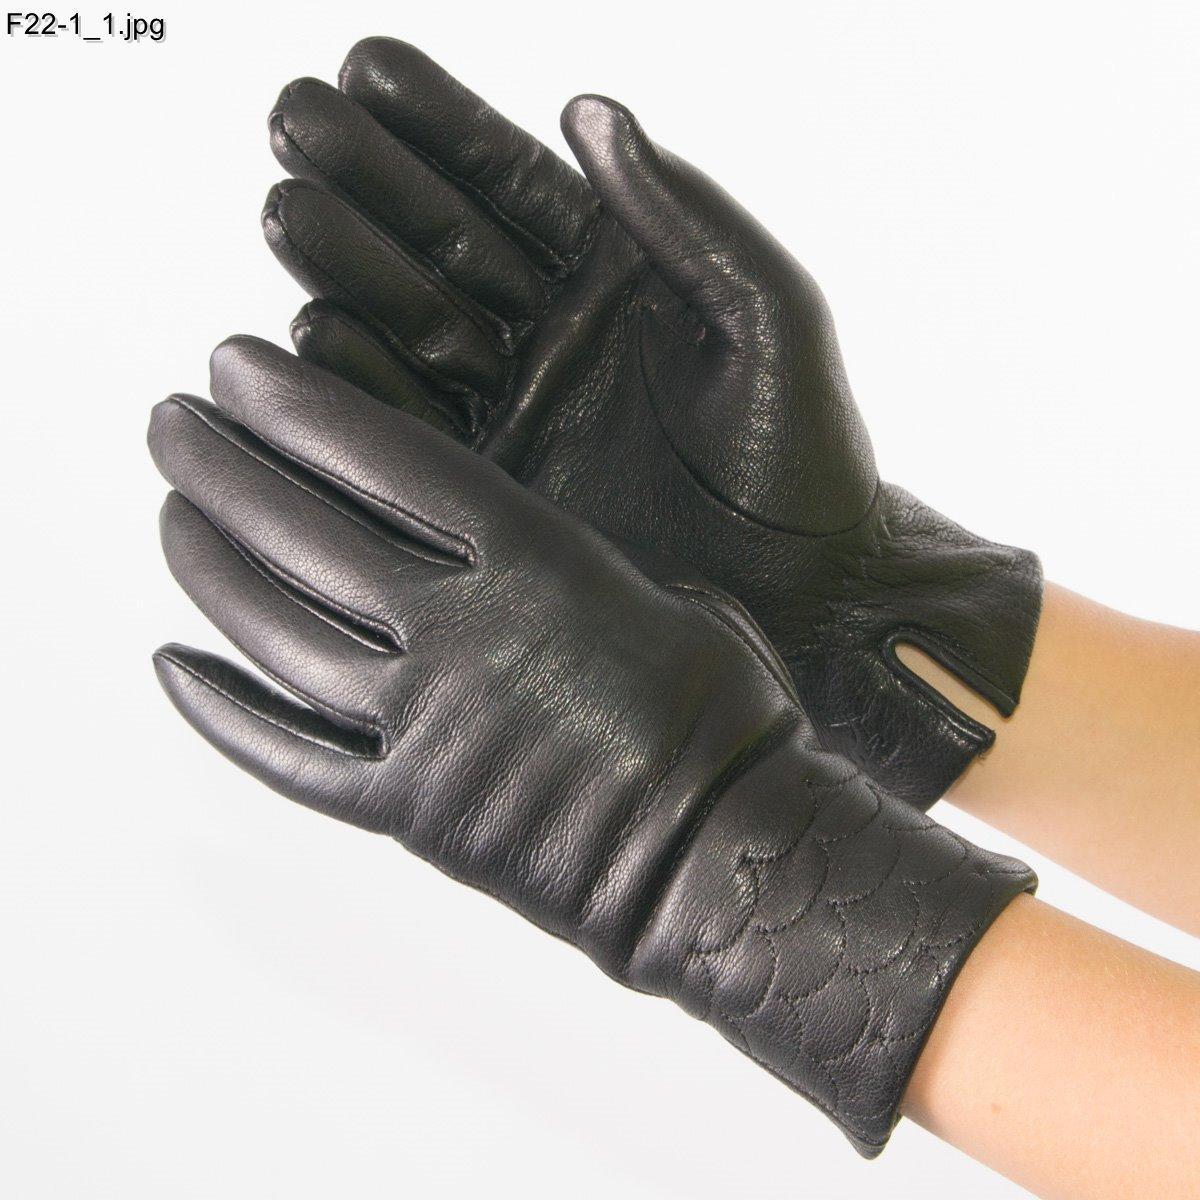 Оптом жіночі рукавички з оленячої шкіри на плетеній вовняної підкладці - F22-1